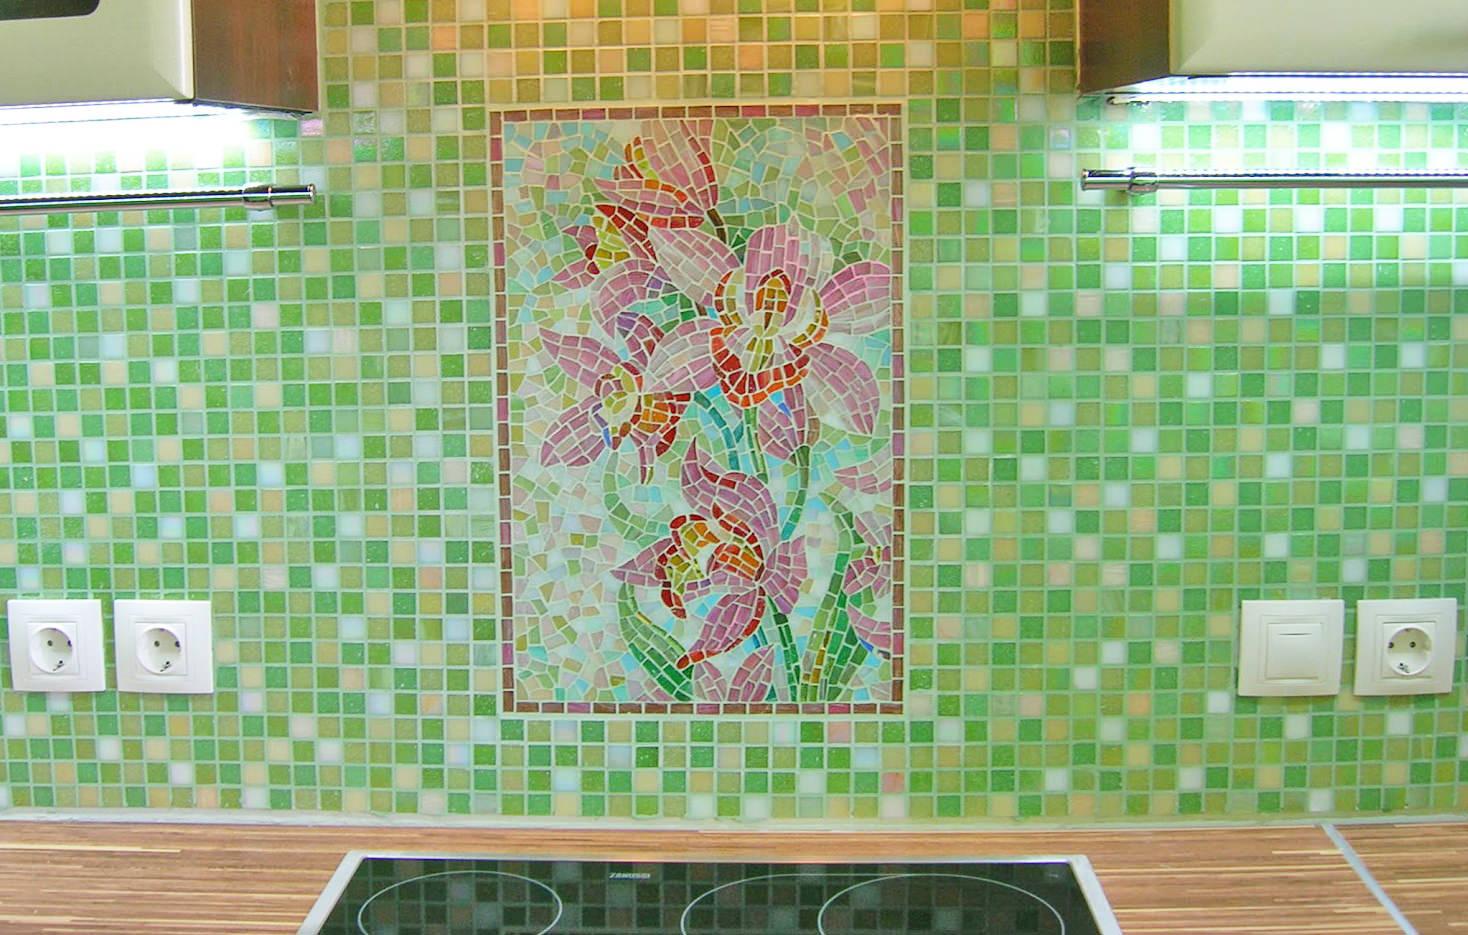 Цветок ириса на зелёном фоне выложенный мозаикой на кухонном фартуке